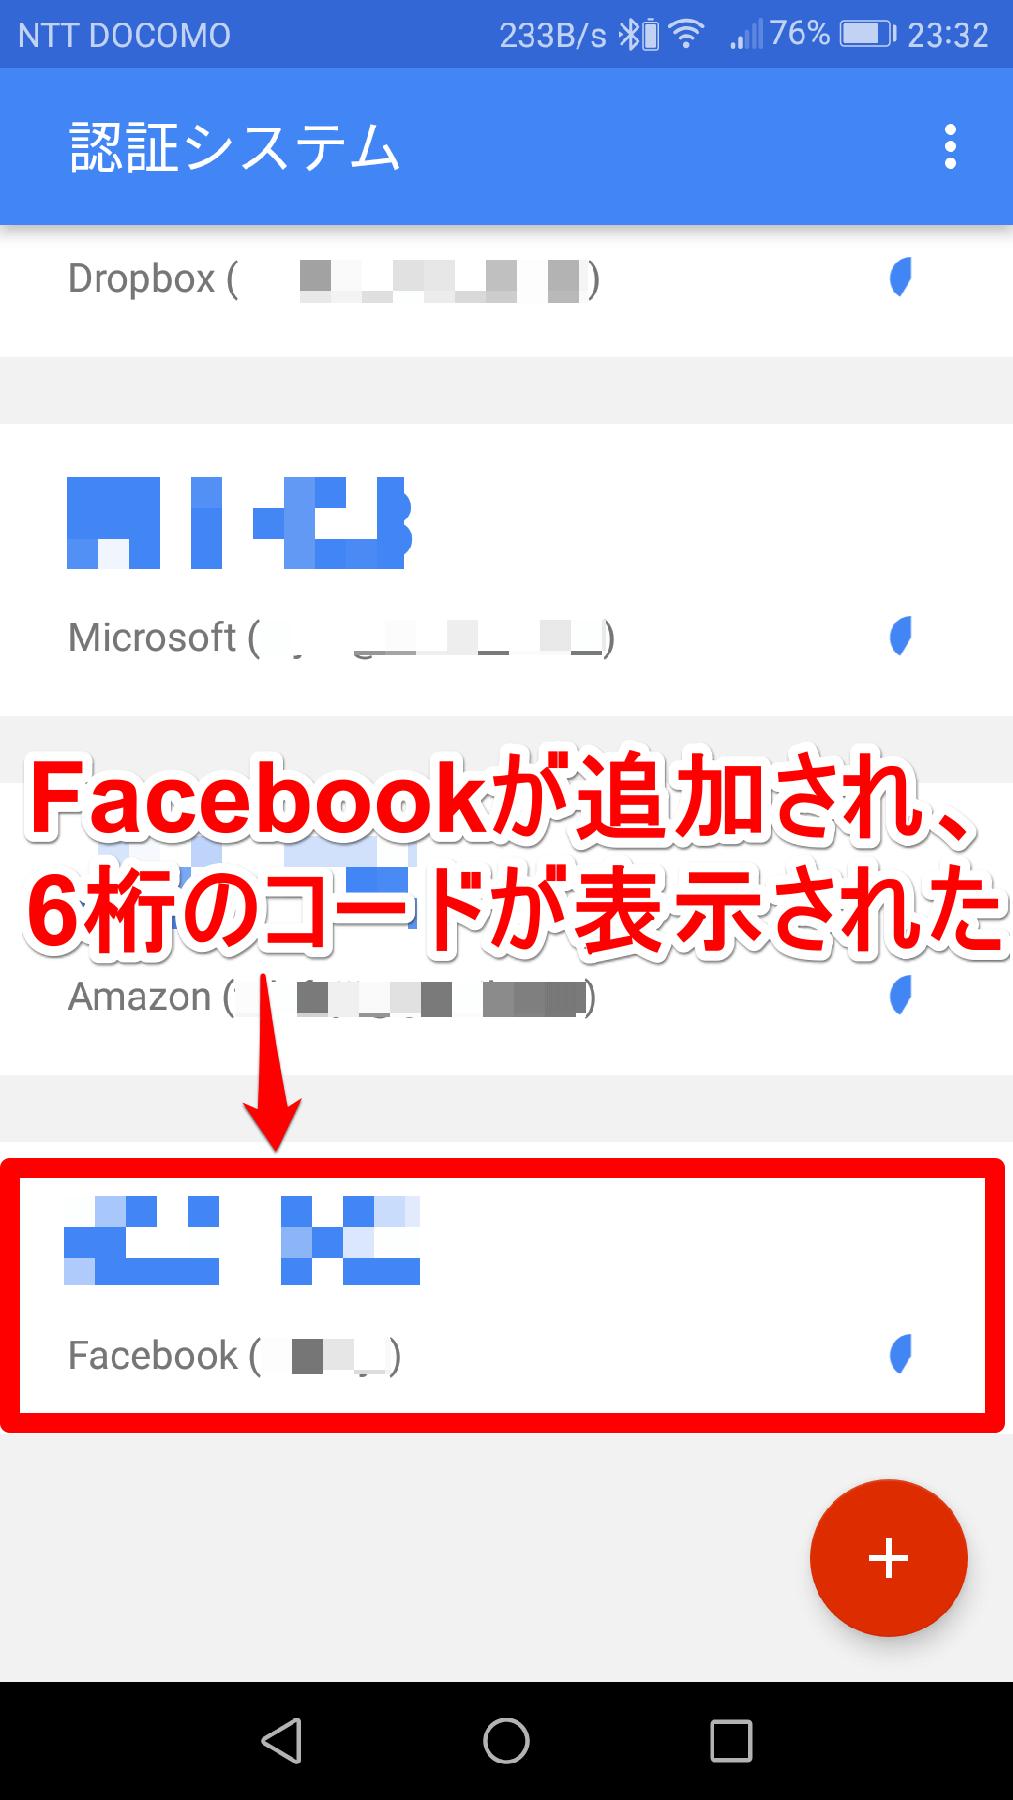 グーグル[認証システム](Google Authenticator)アプリでQRコードを読み取って6桁のコードが表示された画面